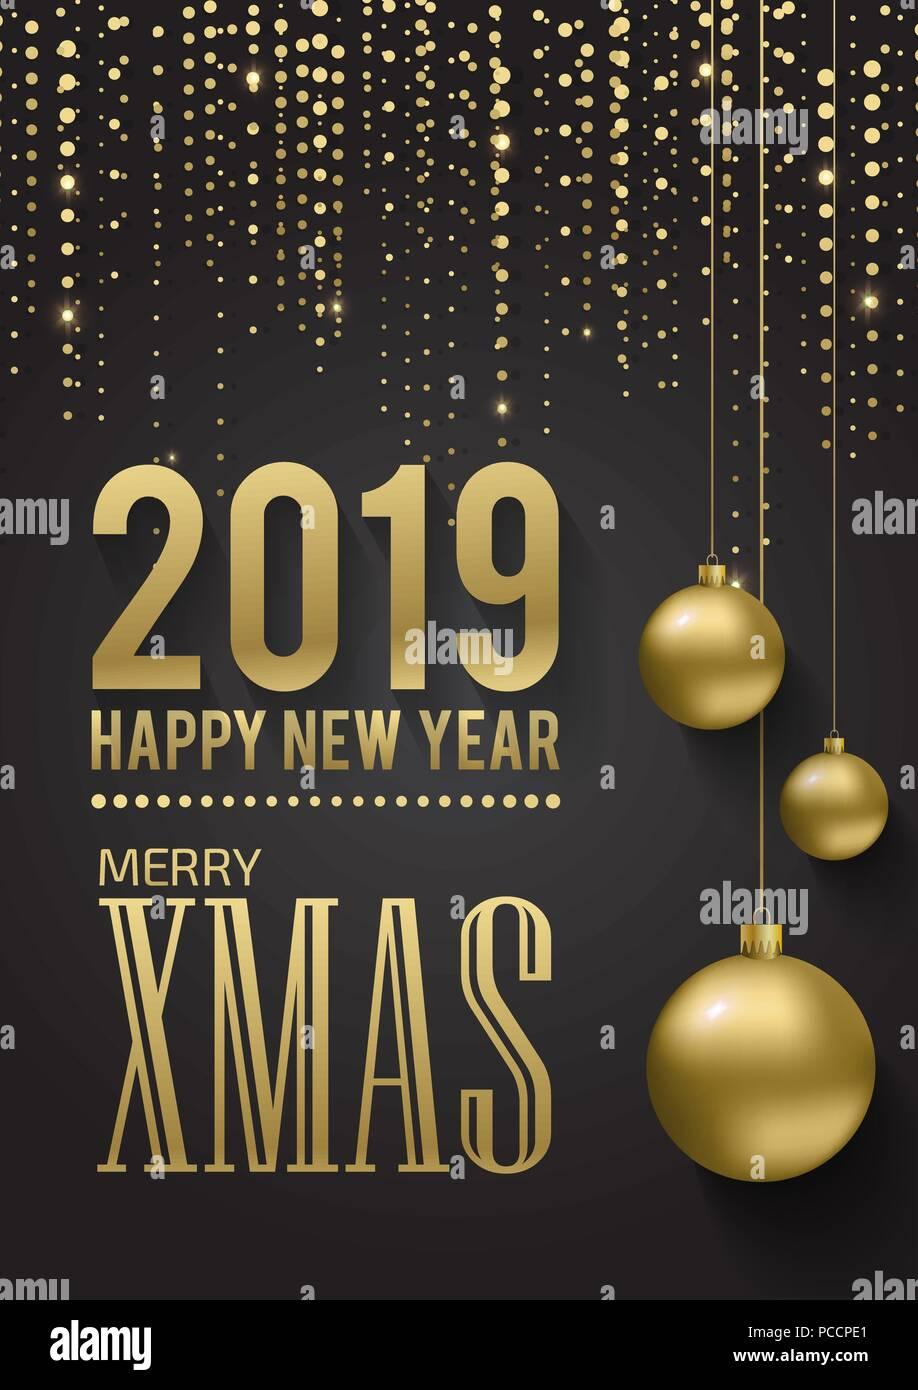 Tarjeta De Felicitación Invitación Con Feliz Año Nuevo 2019